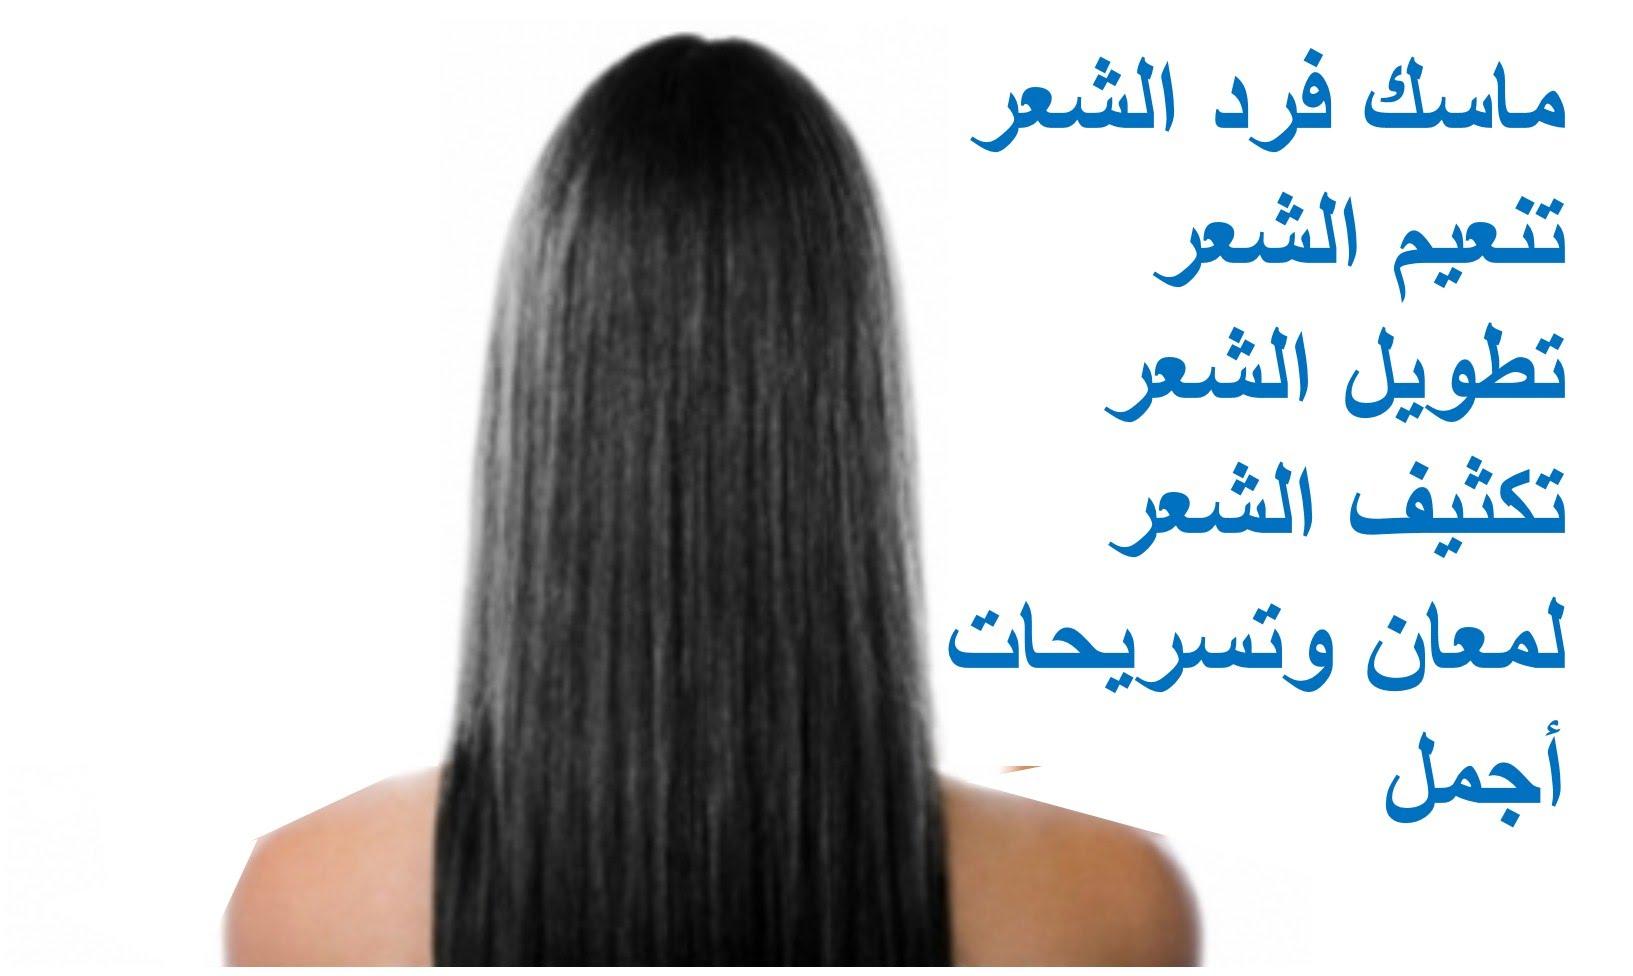 صوره وصفات لنعومة الشعر الجاف